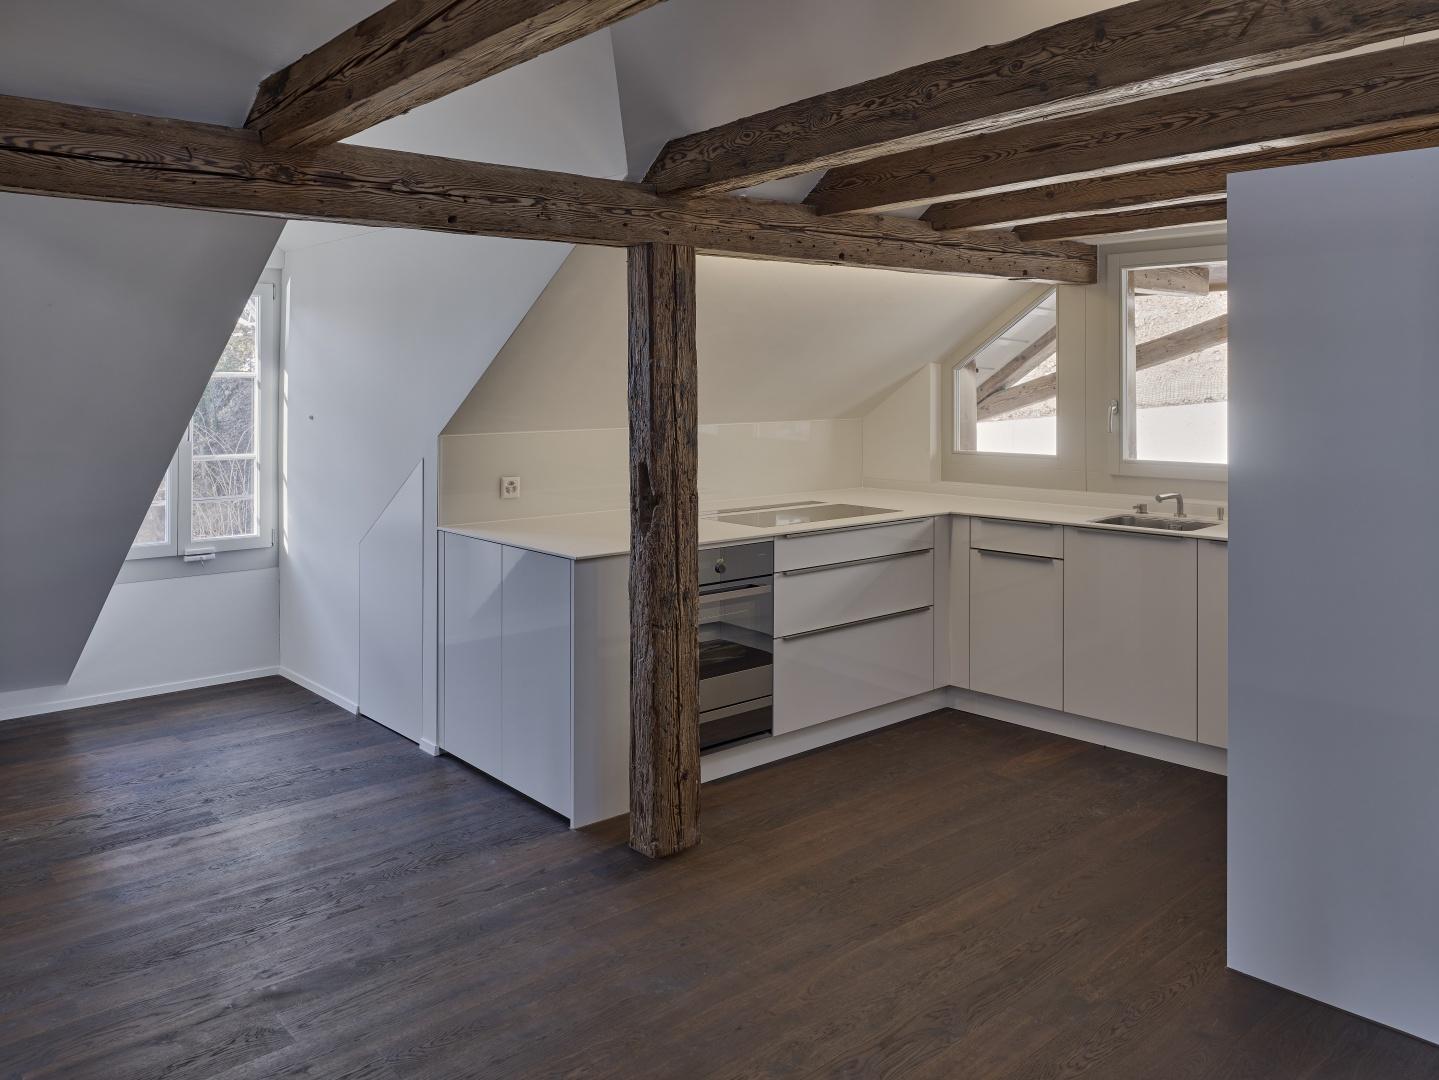 Im Dachgeschoss neu eingebaute Küche und neue Lukarnen © Rolf Siegenthaler Bern